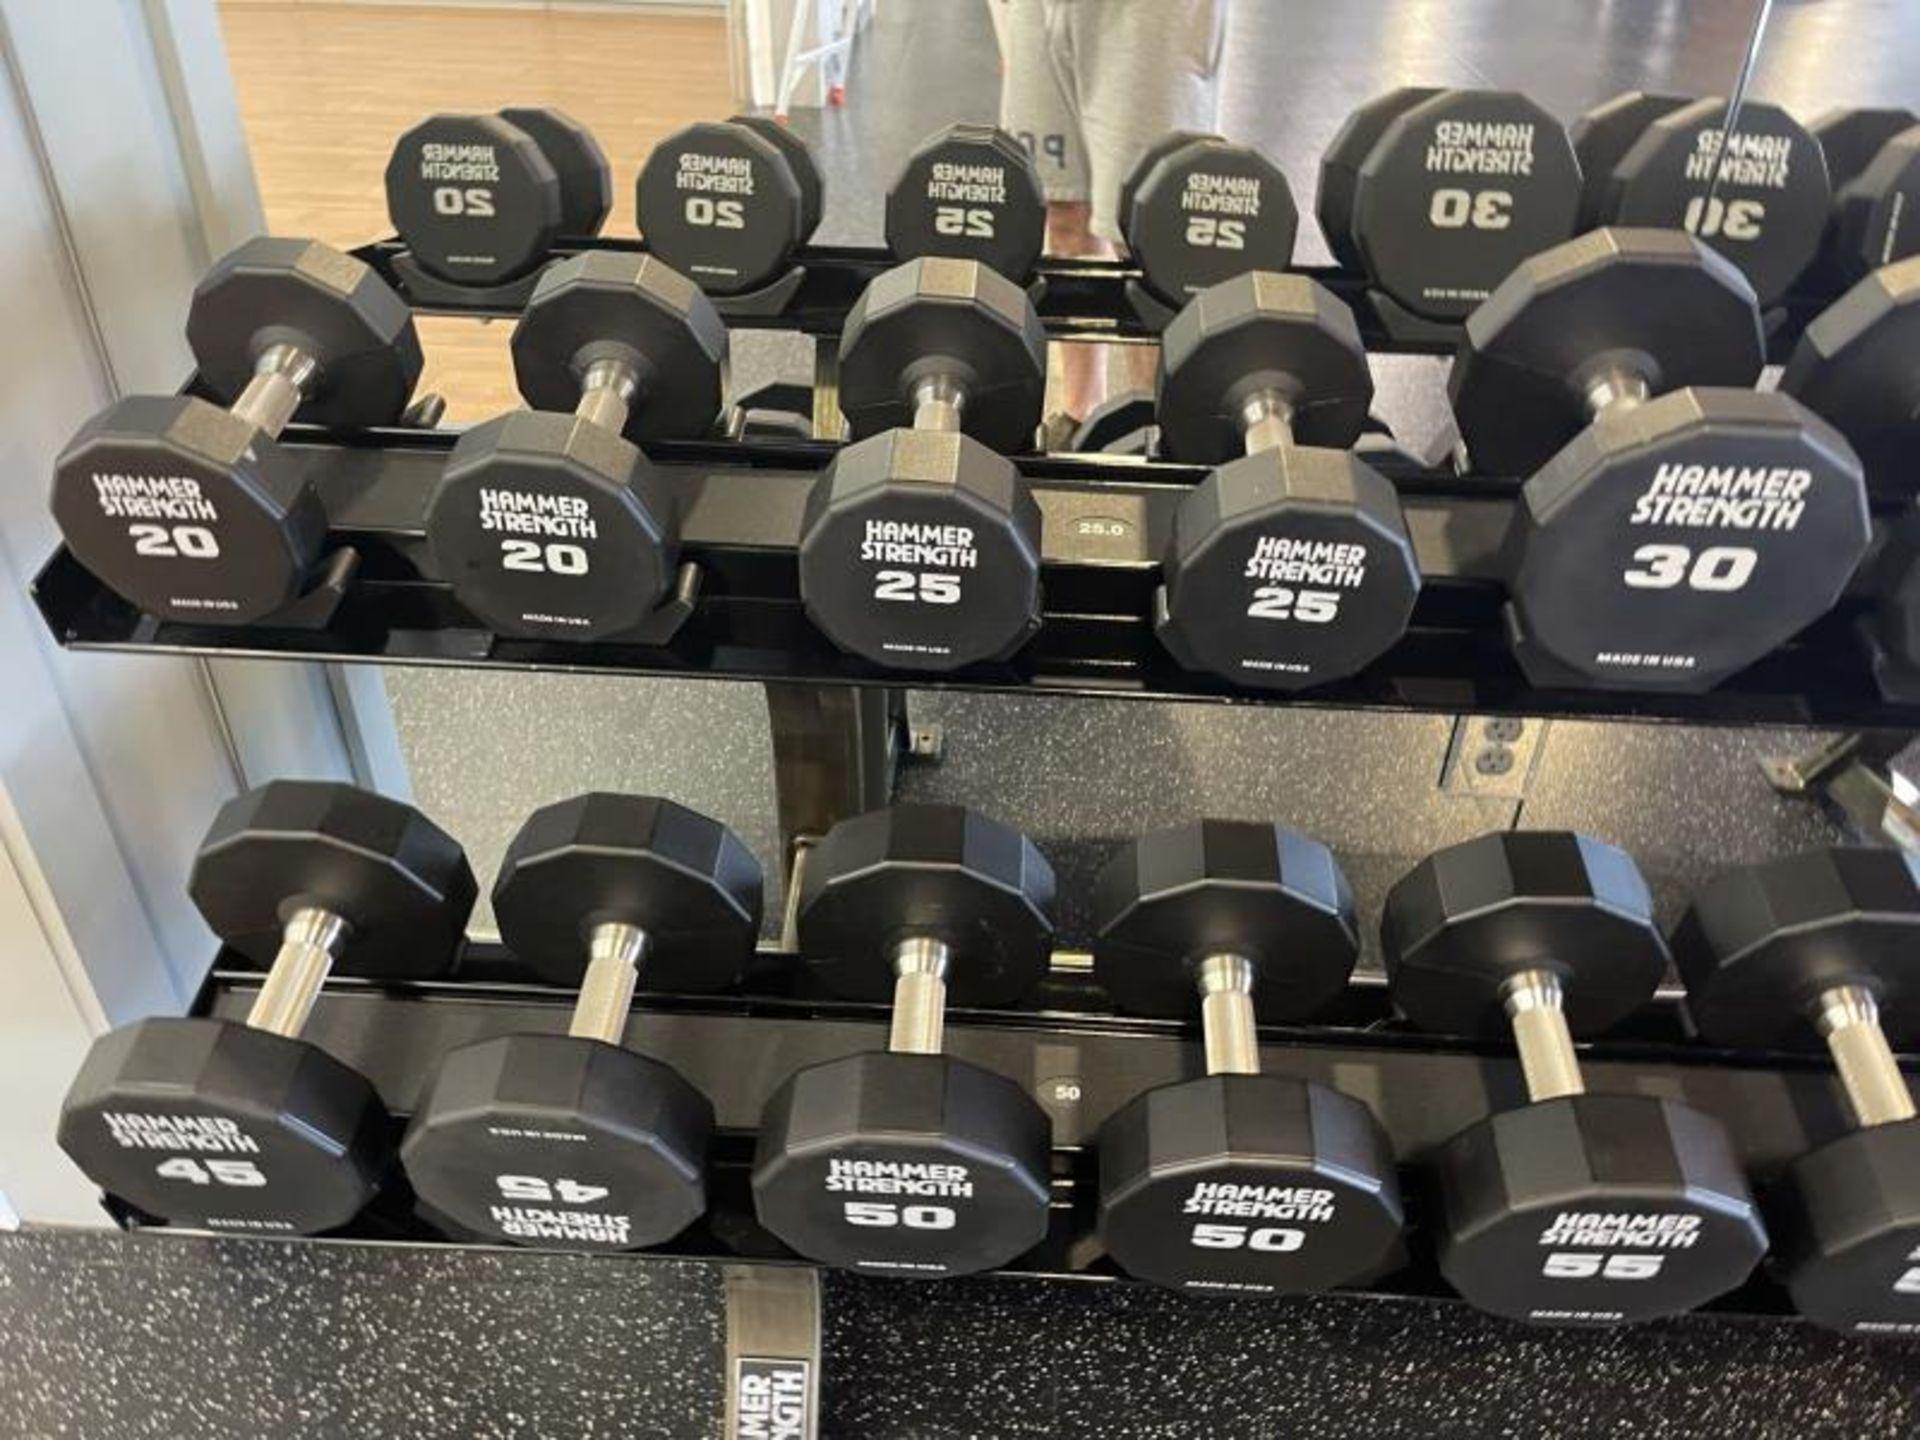 Hammer Strength Dumbbells 20-65# - Image 4 of 6